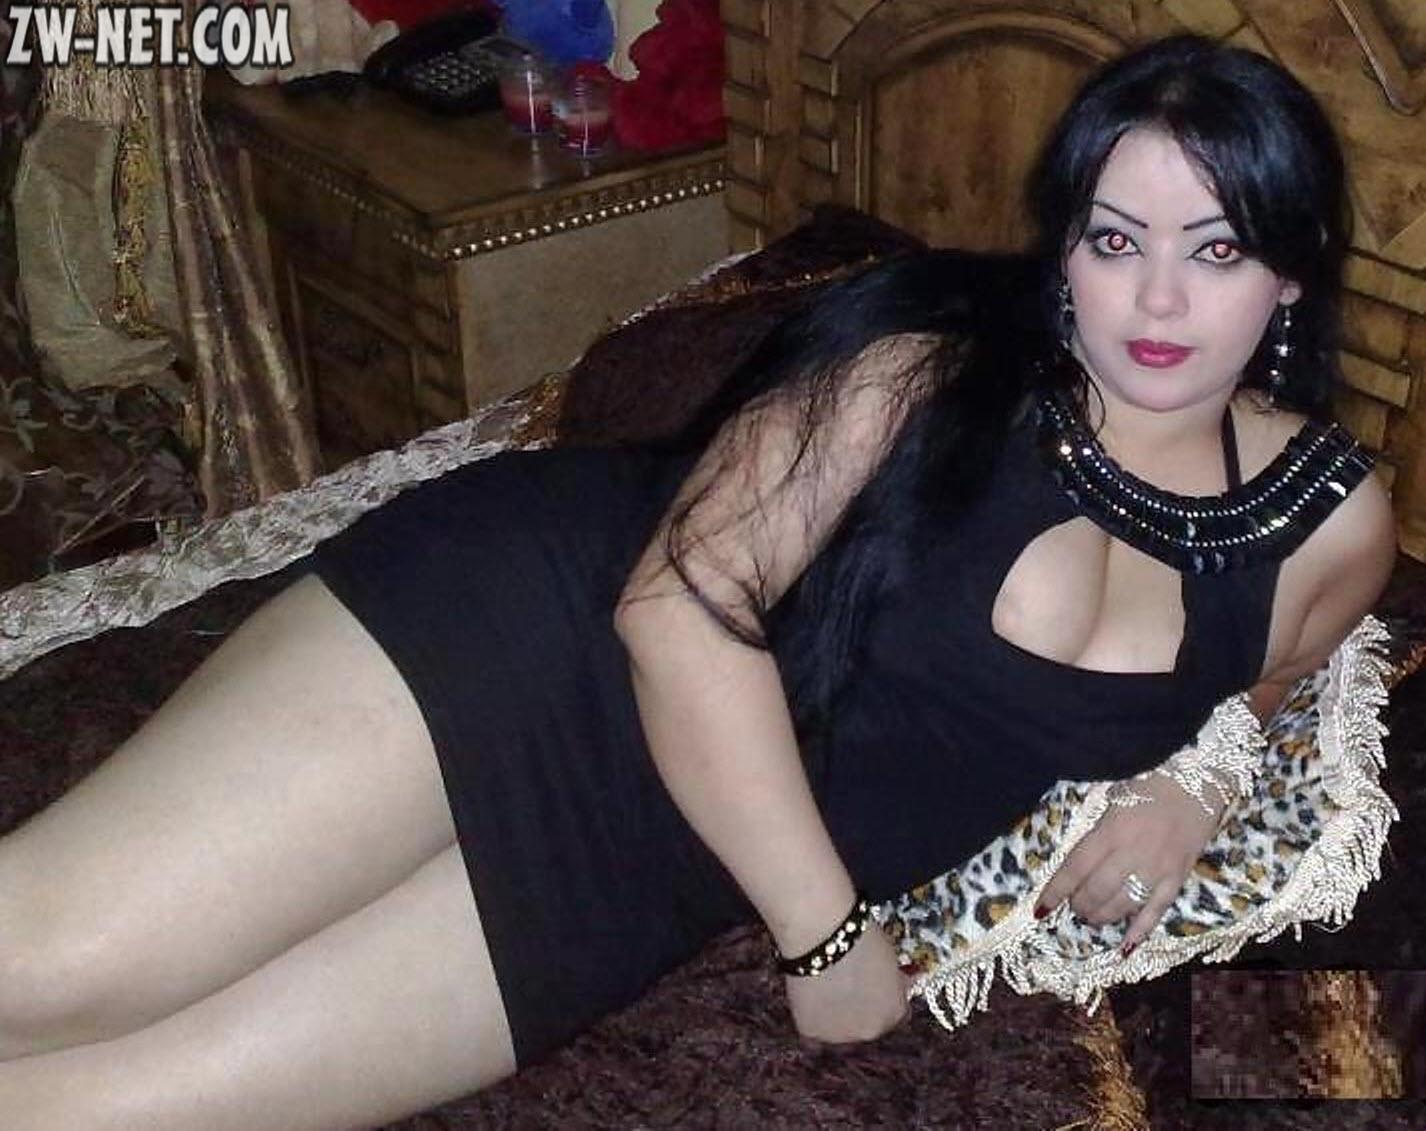 زوجة محرومة طمعت في ممارسة الجنس مع عامل الأسانسير